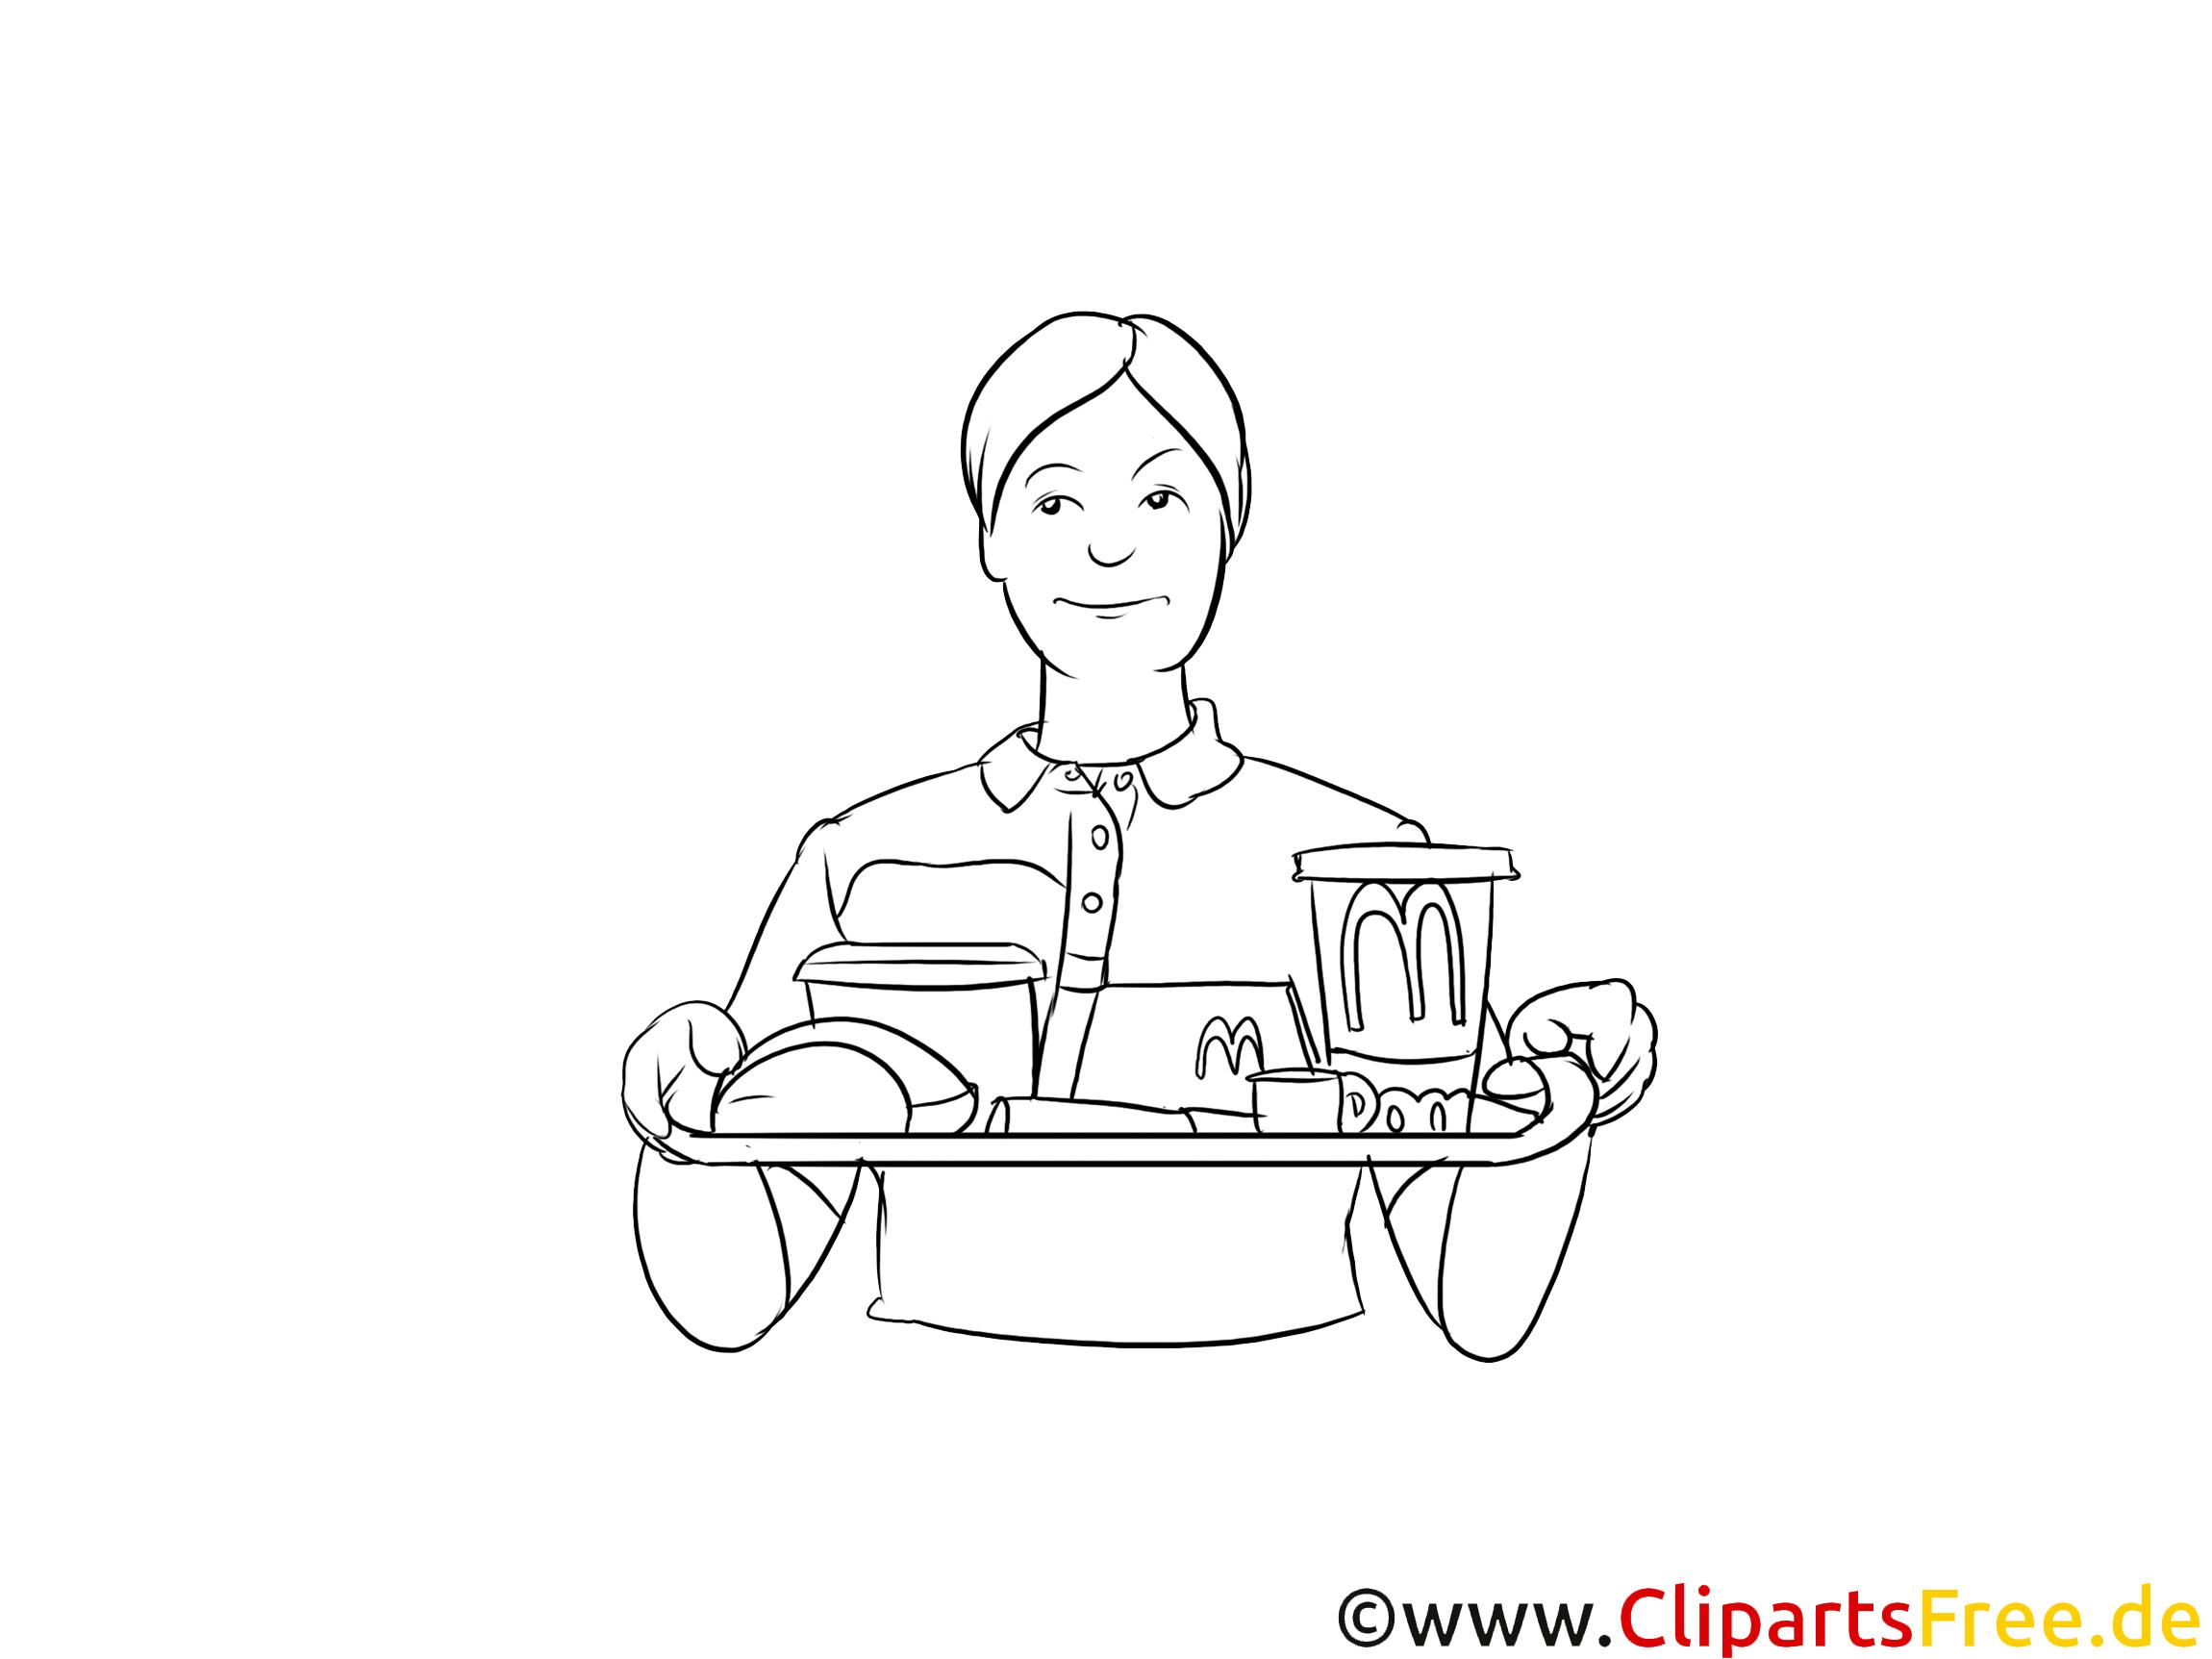 Fachmann für Systemgastronomie Clipart, Grafik, Bild schwarz-weiß